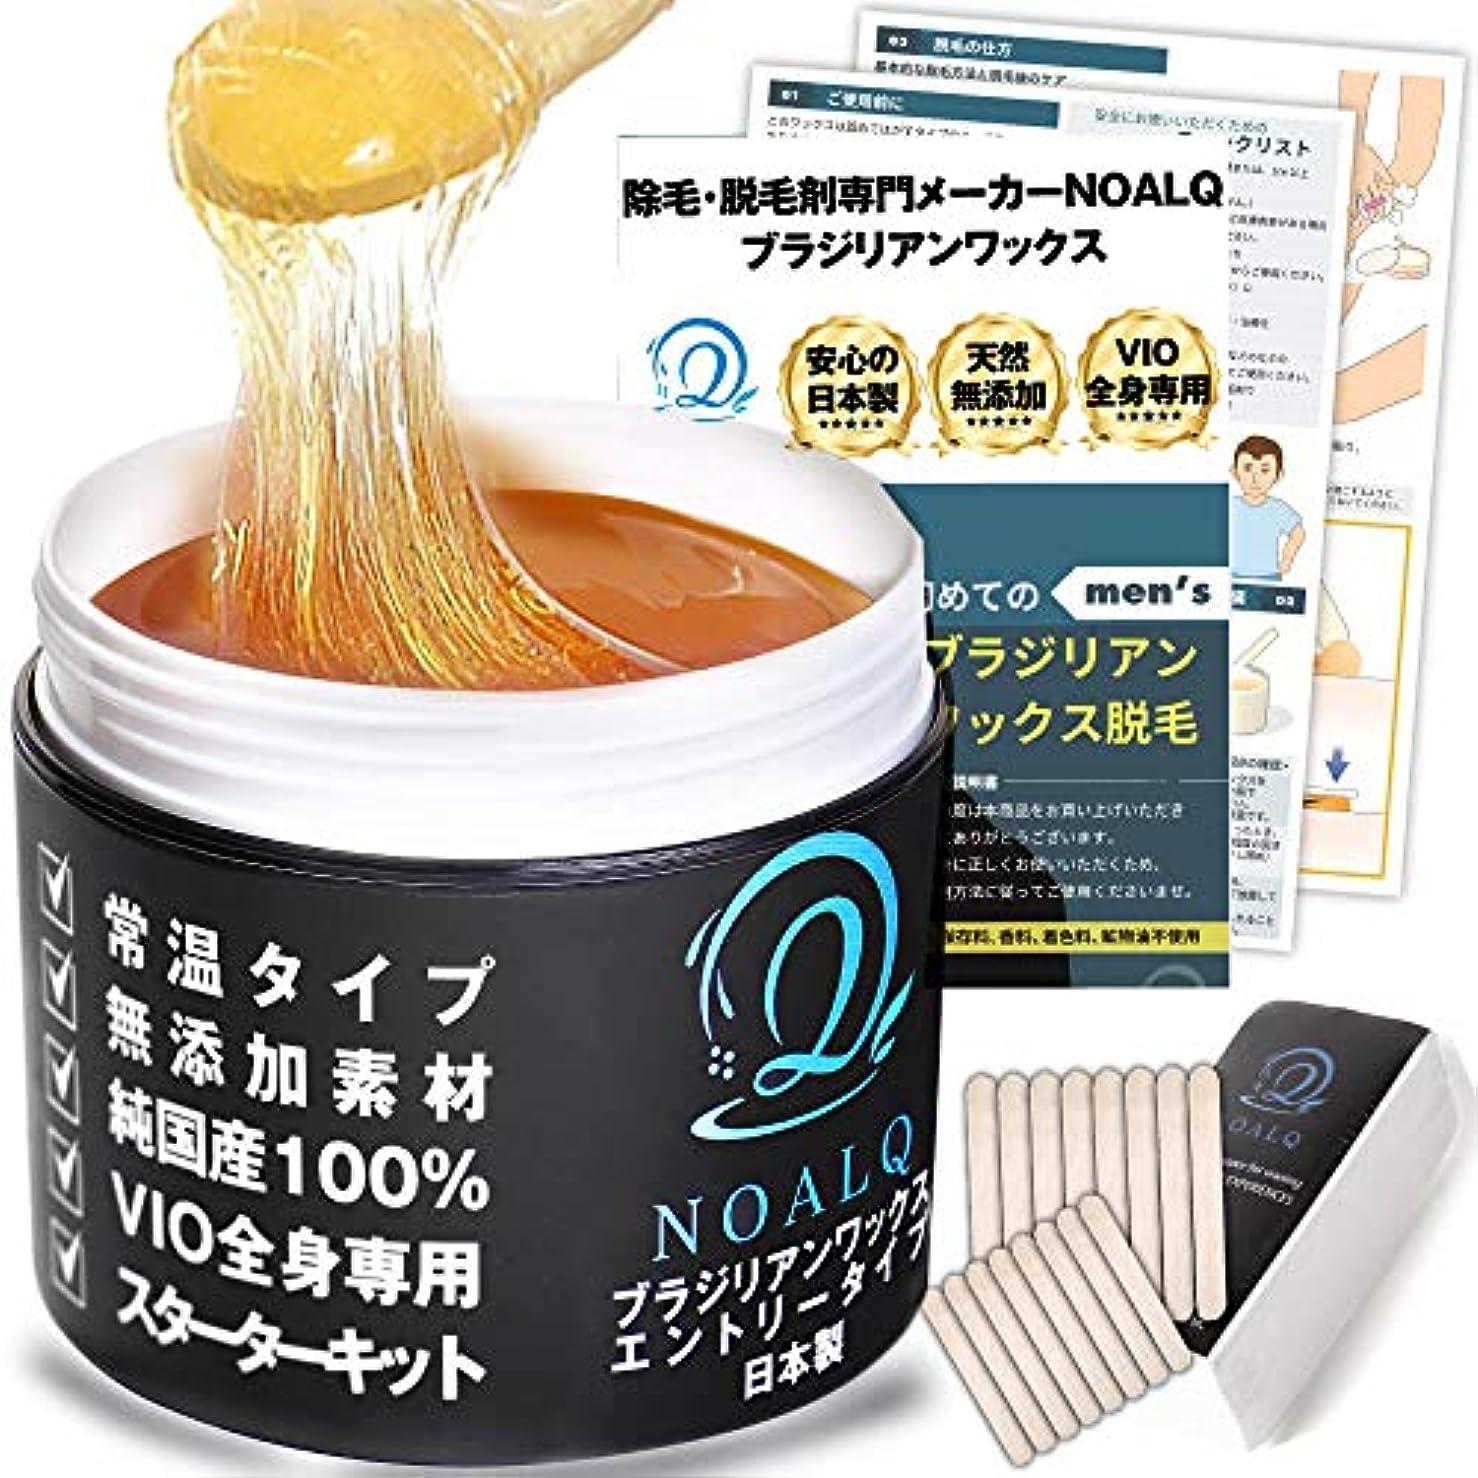 食事を調理する準備初期のNOALQ(ノアルク) ブラジリアンワックス エントリータイプ 天然無添加素材 純国産100% VIO 全身脱毛専用 スターターキット